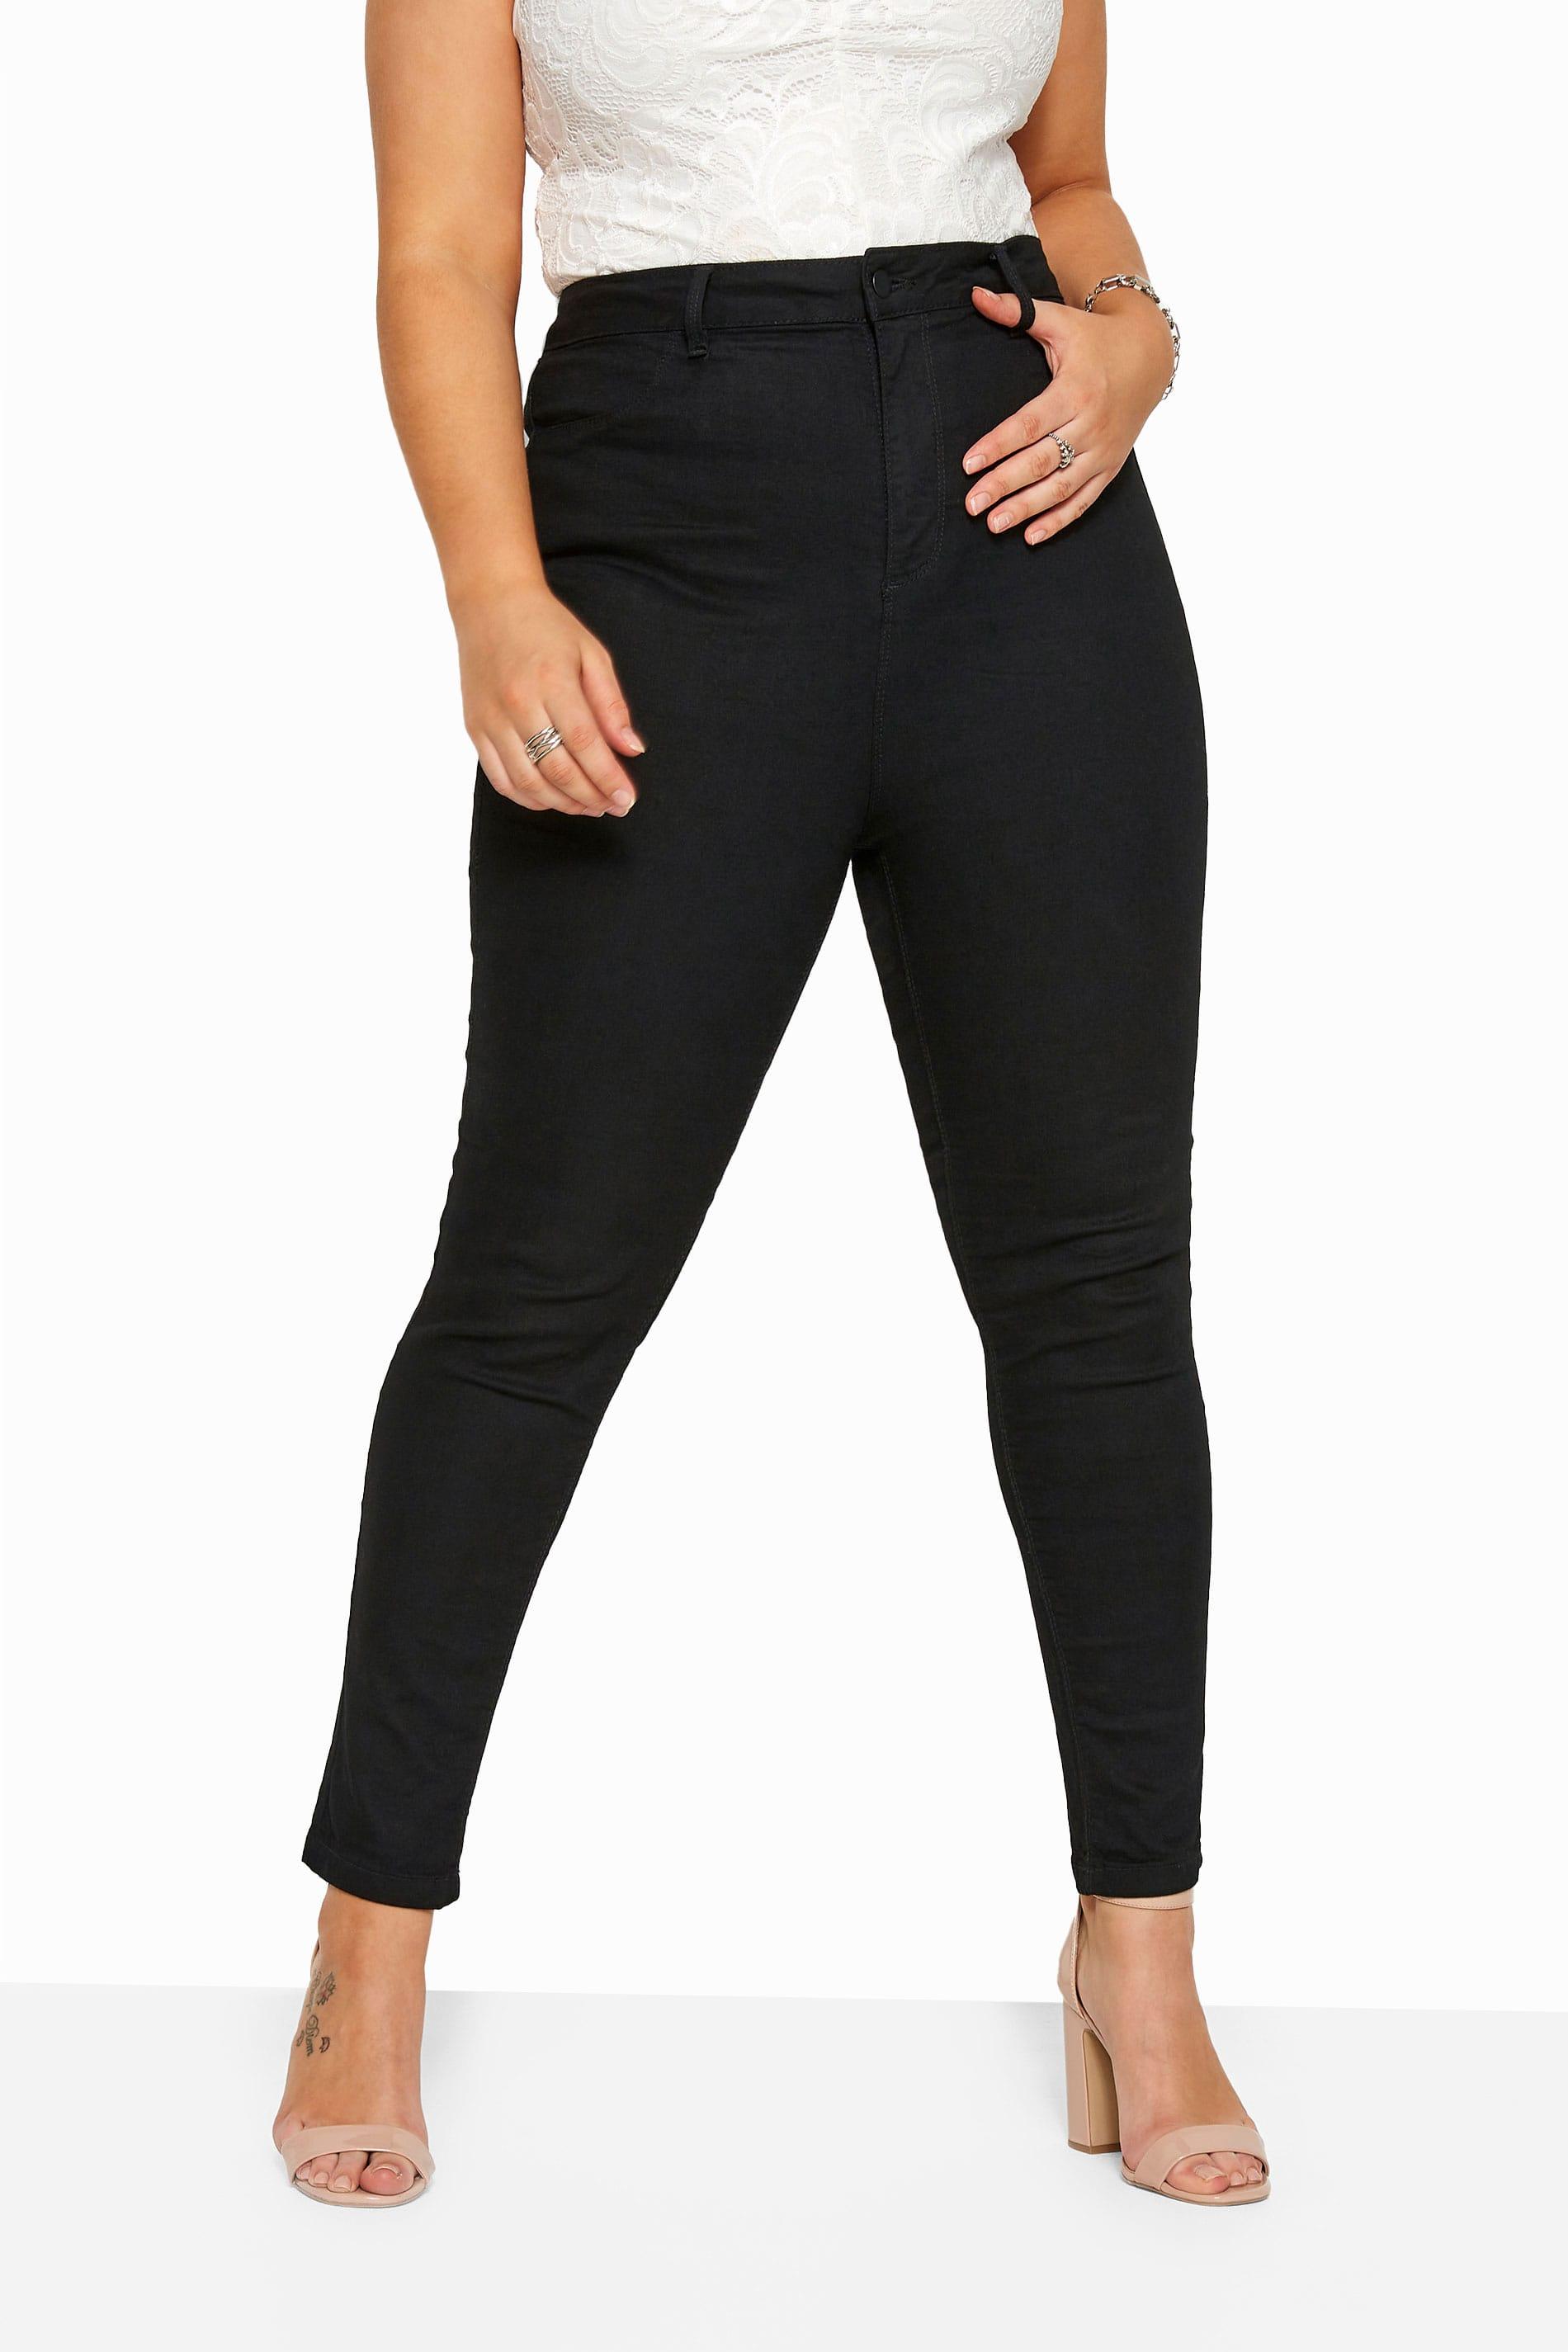 Black Skinny Stretch AVA Jeans_6e59.jpg